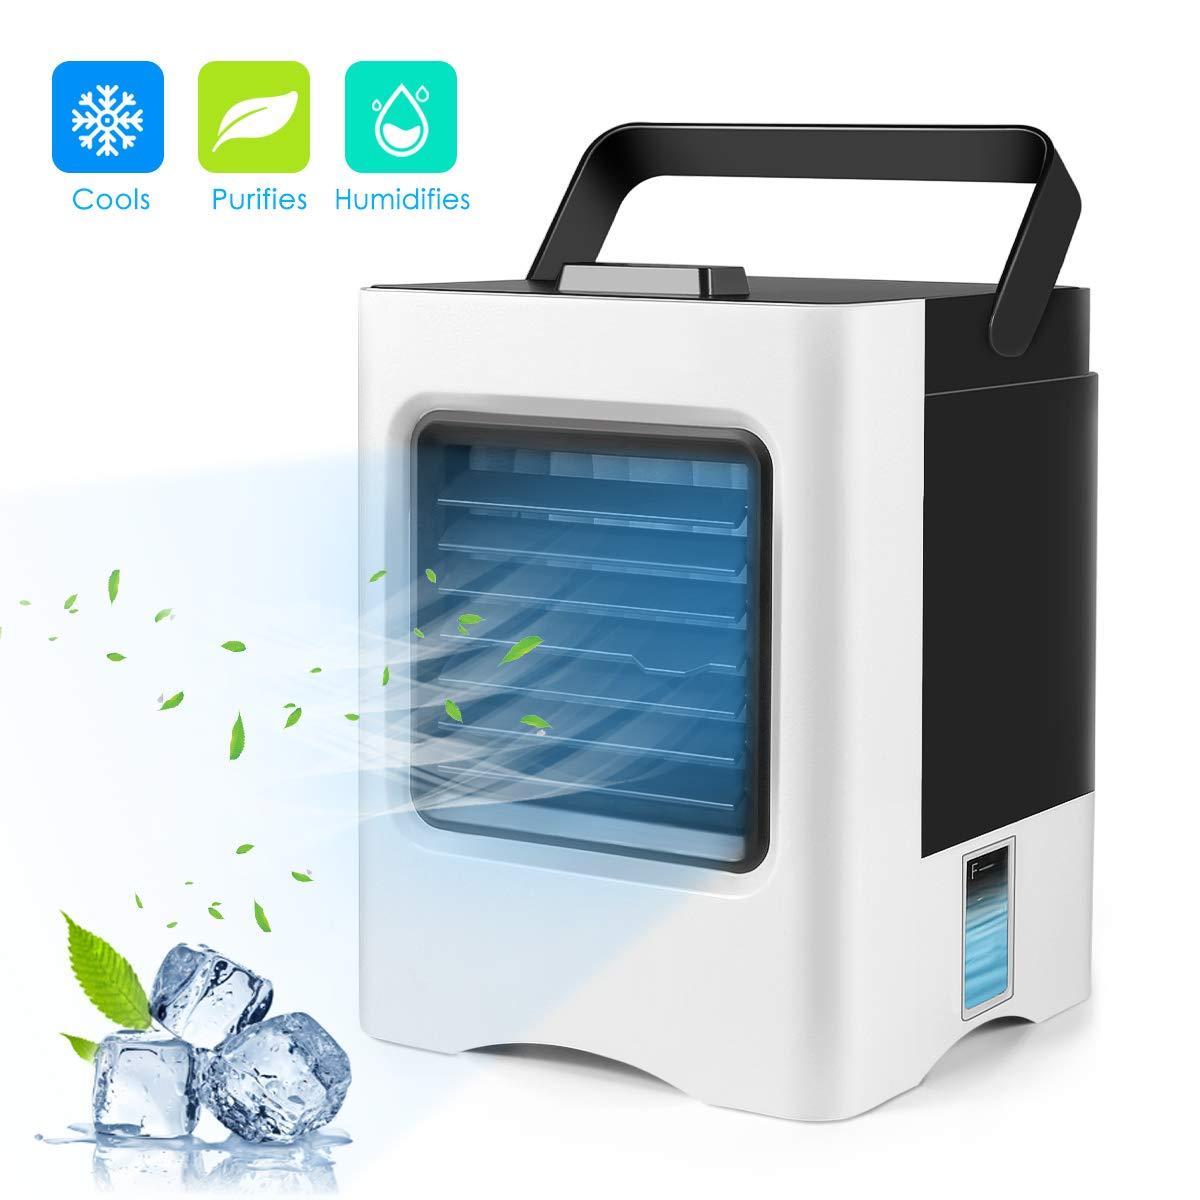 Ventilateur de climatiseur 4 en 1 refroidisseur d'air USB personnel Mini purificateur humidificateur avec lumières de LED ventilateur Rechargeable pour ventilateurs de bureau à la maison